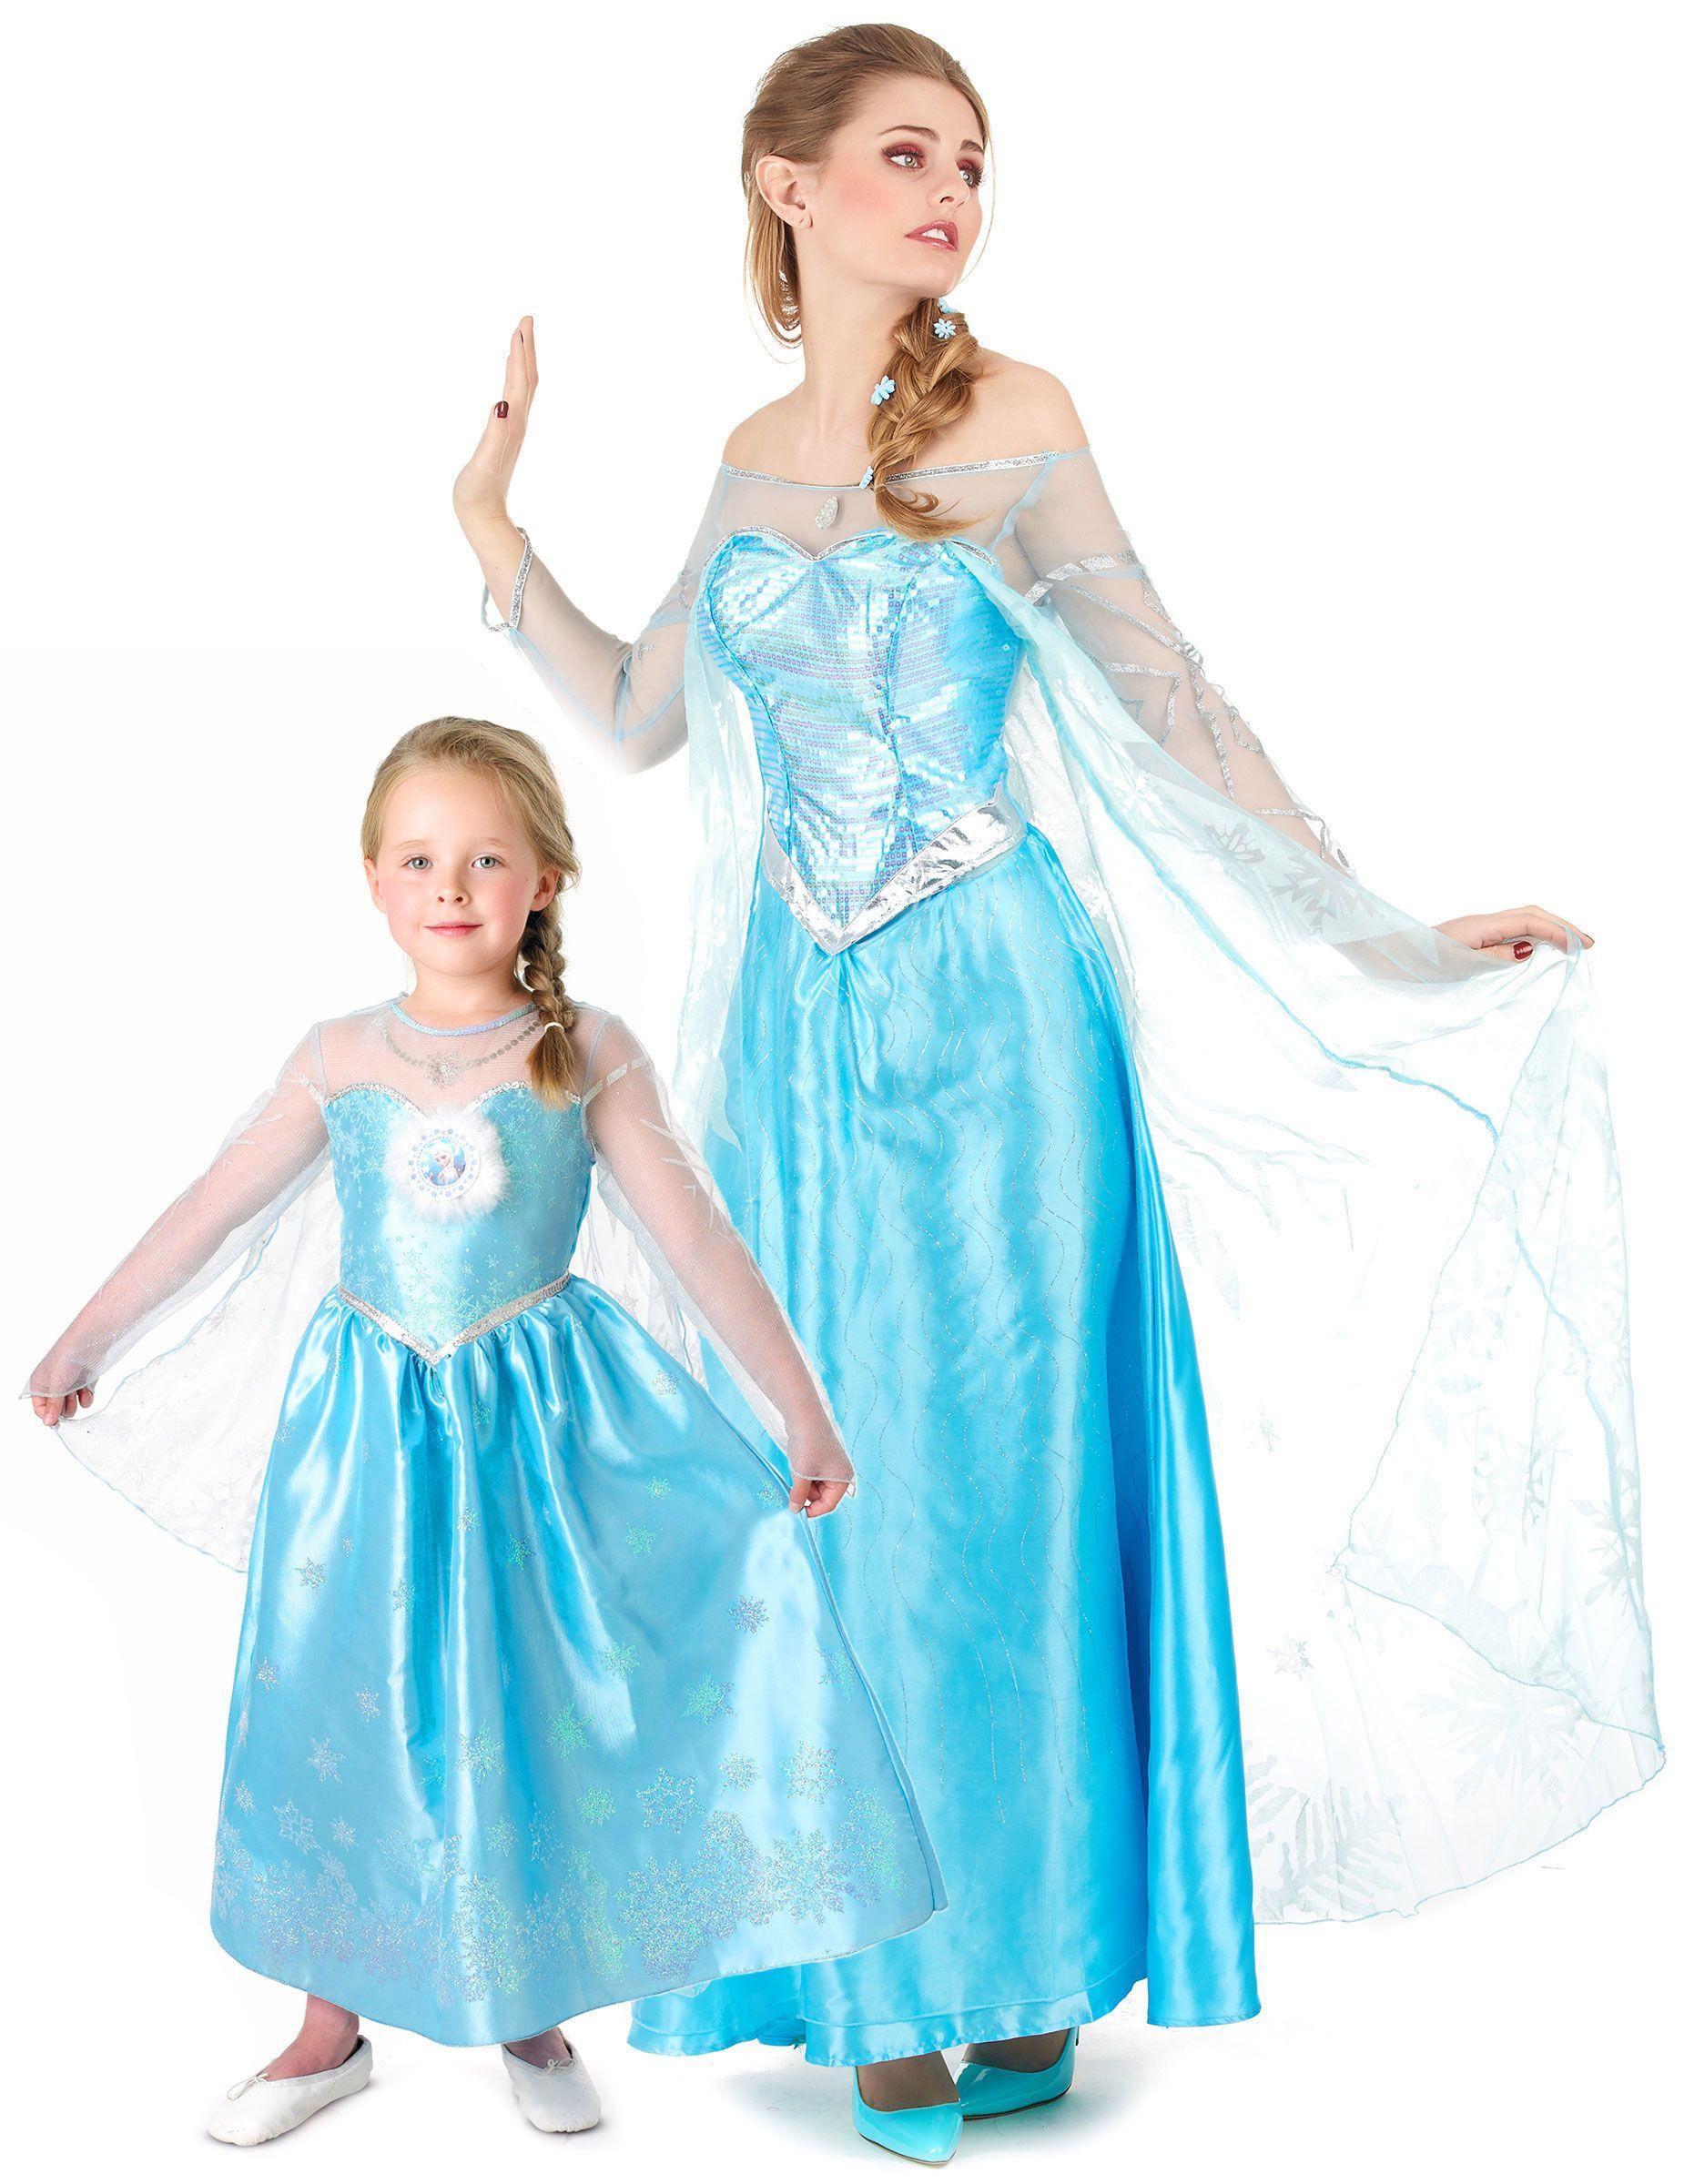 ec5281c2c026 Costume madre figlia Elsa Frozen™: Costume Elsa Frozen™ bambinaQuesto  costume da principessa Elsa